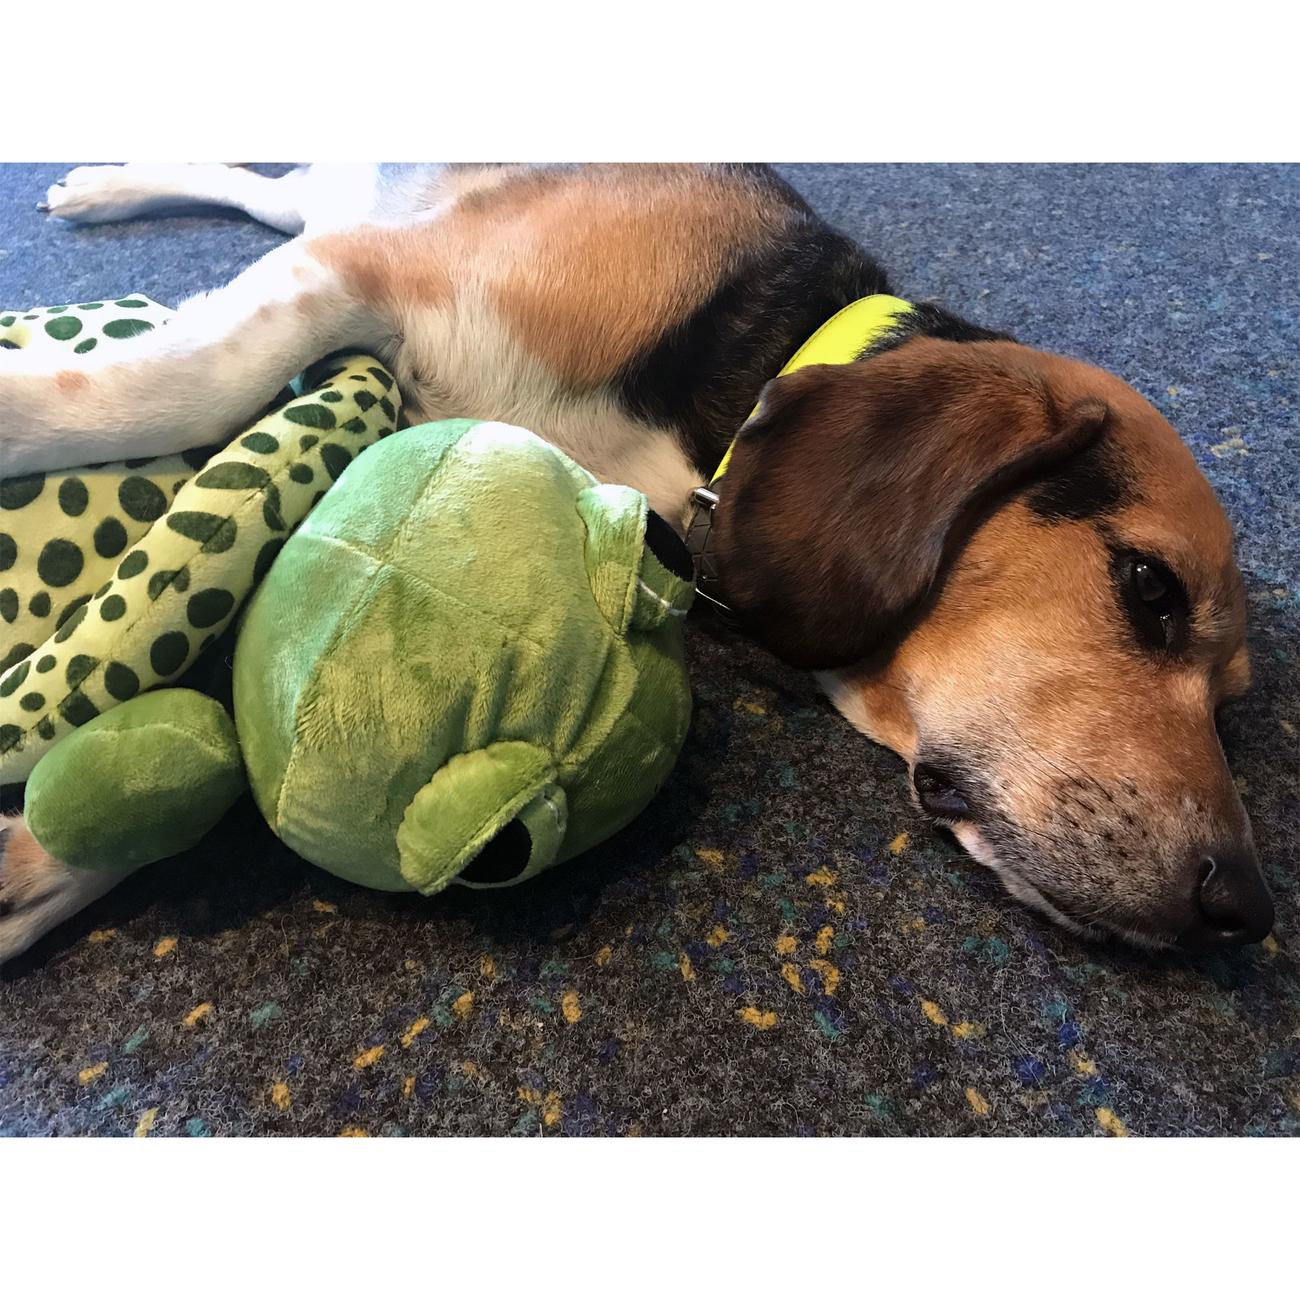 Trixie Hundespielzeug Plüsch Schildkröte, Original-Tierstimme XL 35854, Bild 3